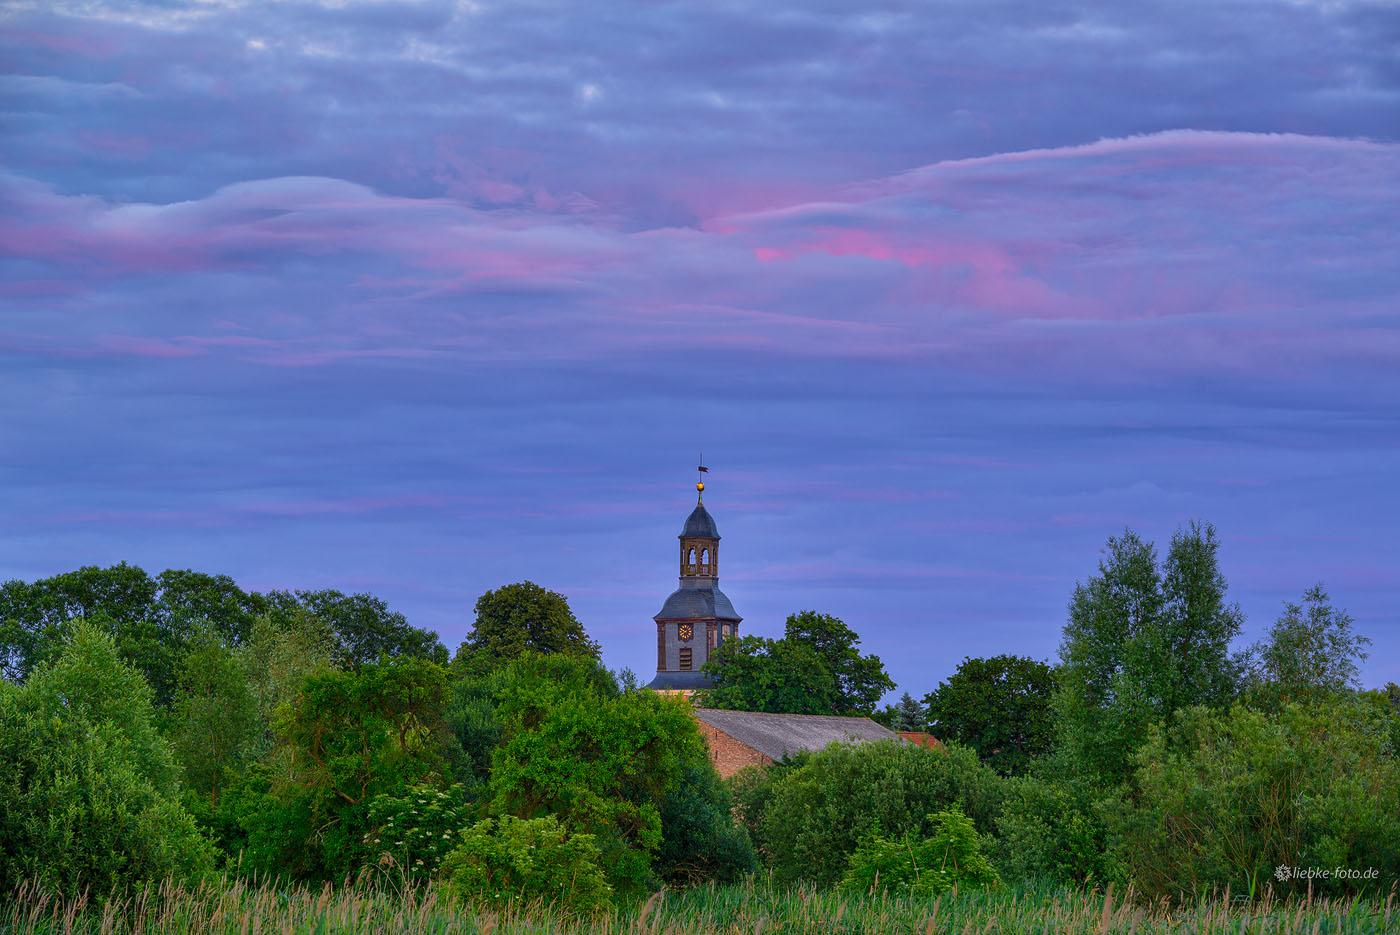 C.D.Friedrich hätte sie gemalt, die Kirche Vehlefanz; die Sonne malt die Wolken